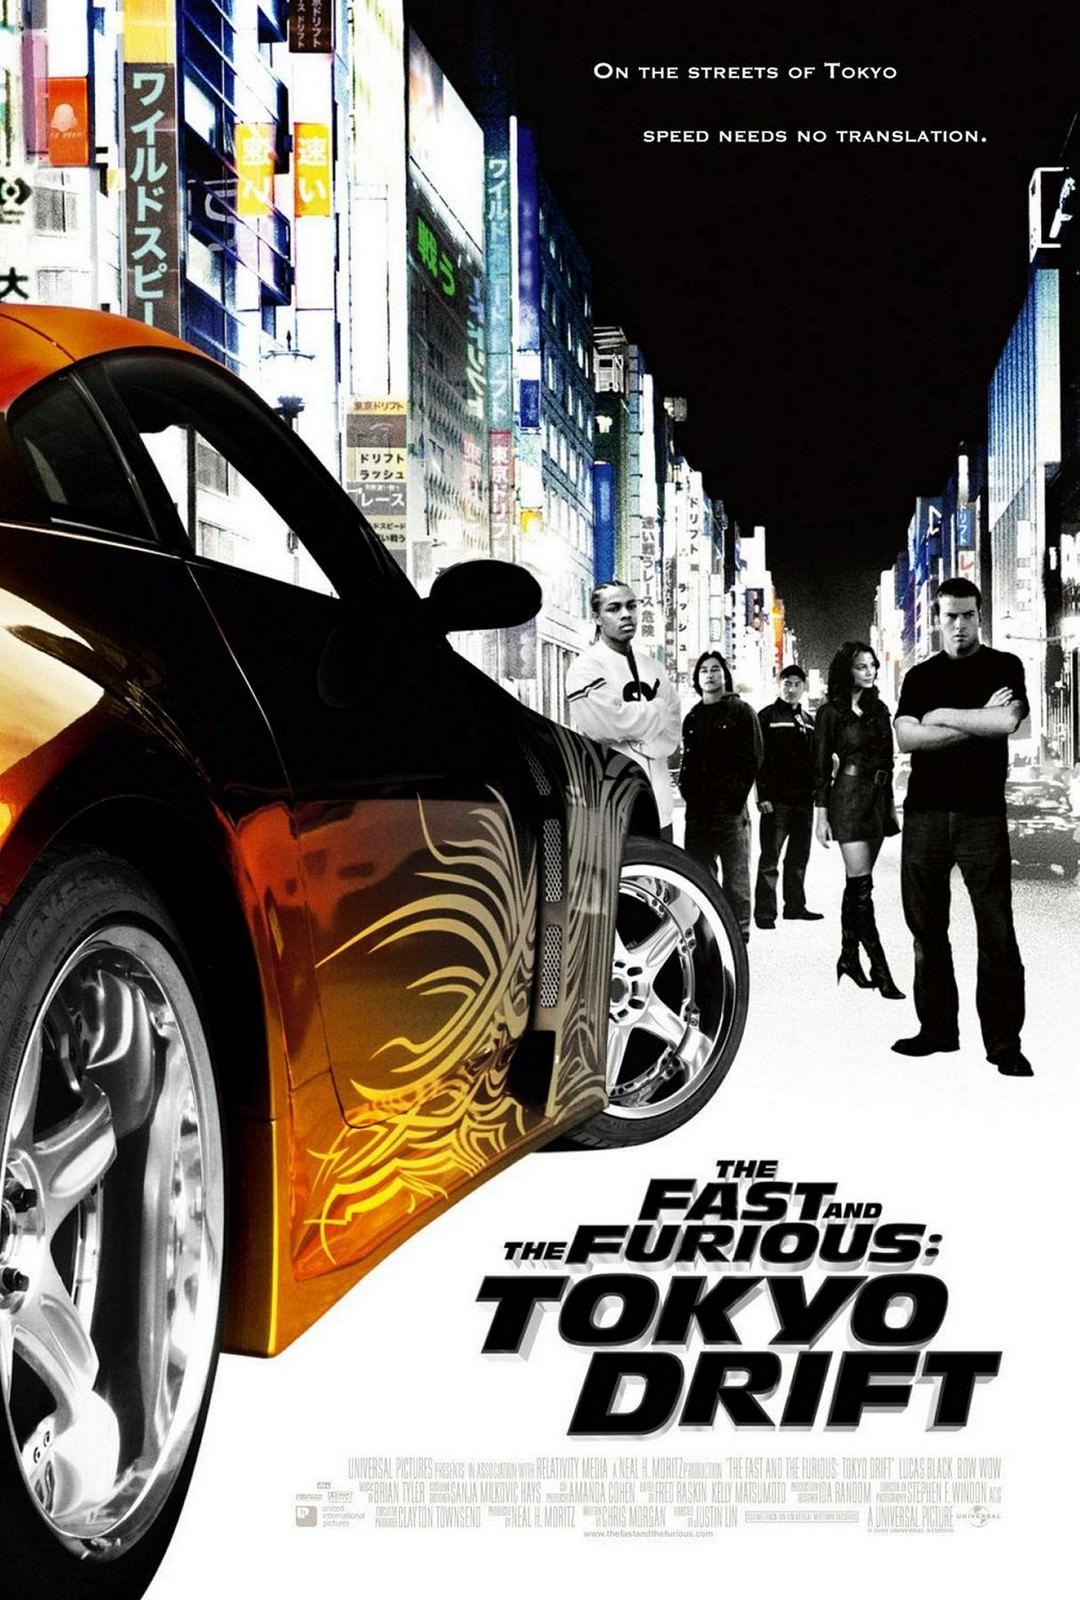 Movie, The Fast and the Furious: Tokyo Drift(美國, 2006年) / 玩命關頭3:東京甩尾(台灣) / 狂野極速:飄移東京(香港) / 速度与激情3:东京漂移(網路), 電影海報, 美國